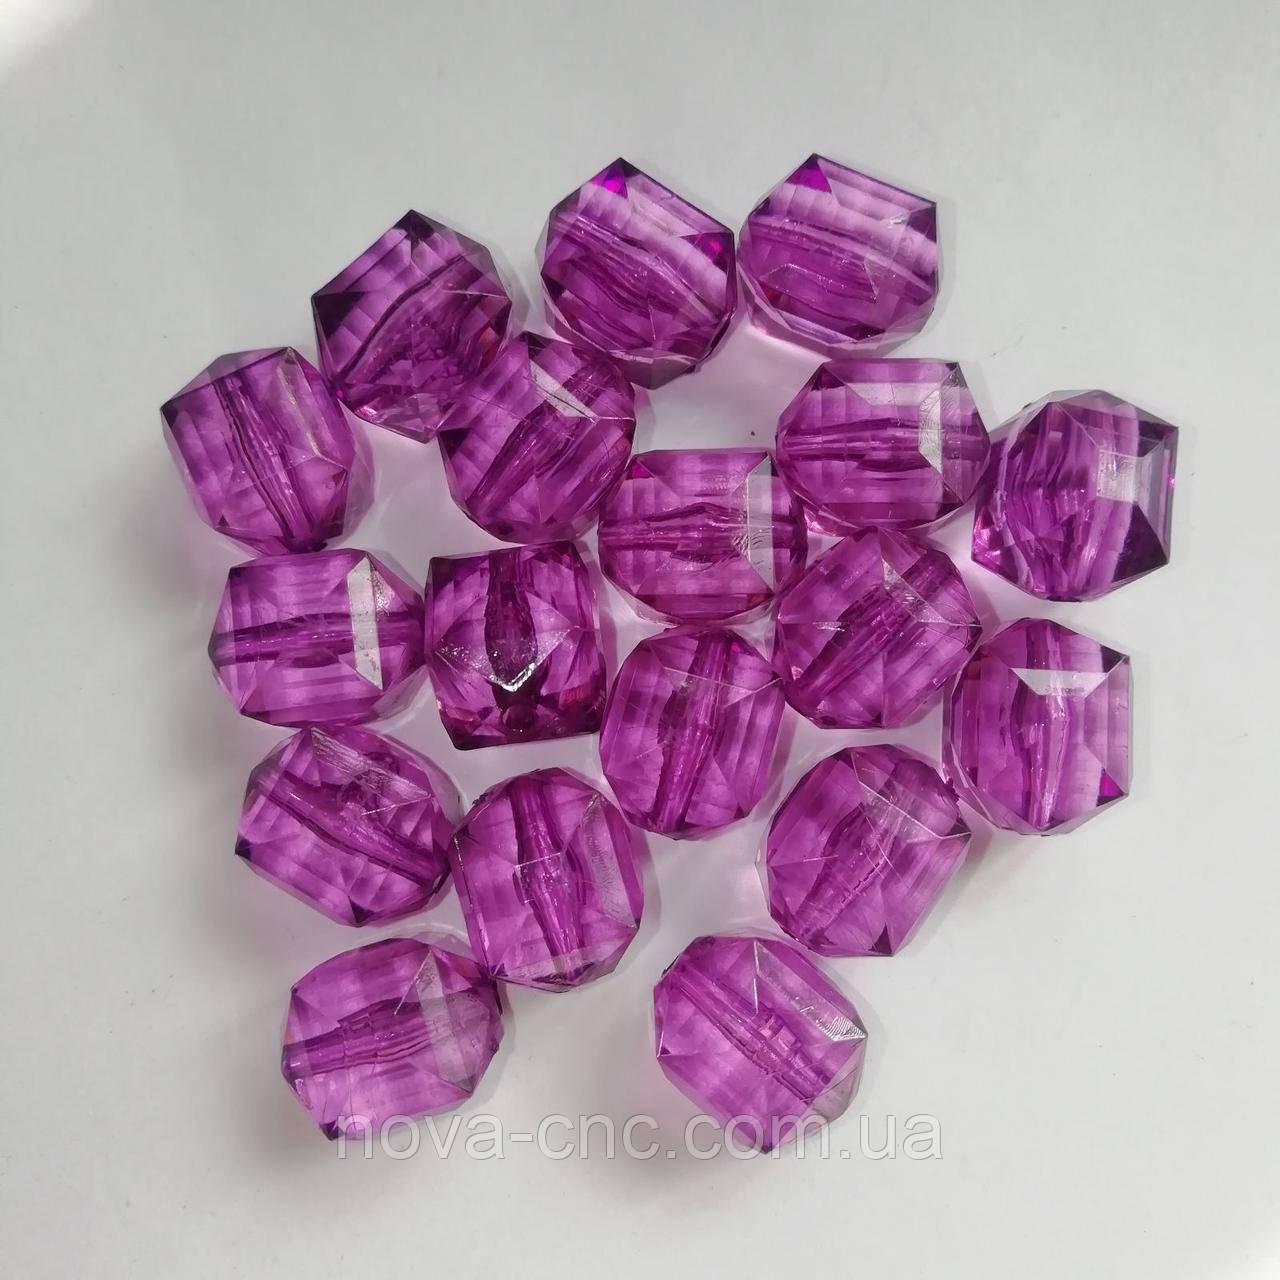 """Намистини акрил """"Куб межі"""" фіолетовий прозорий 14 мм 500 грам"""